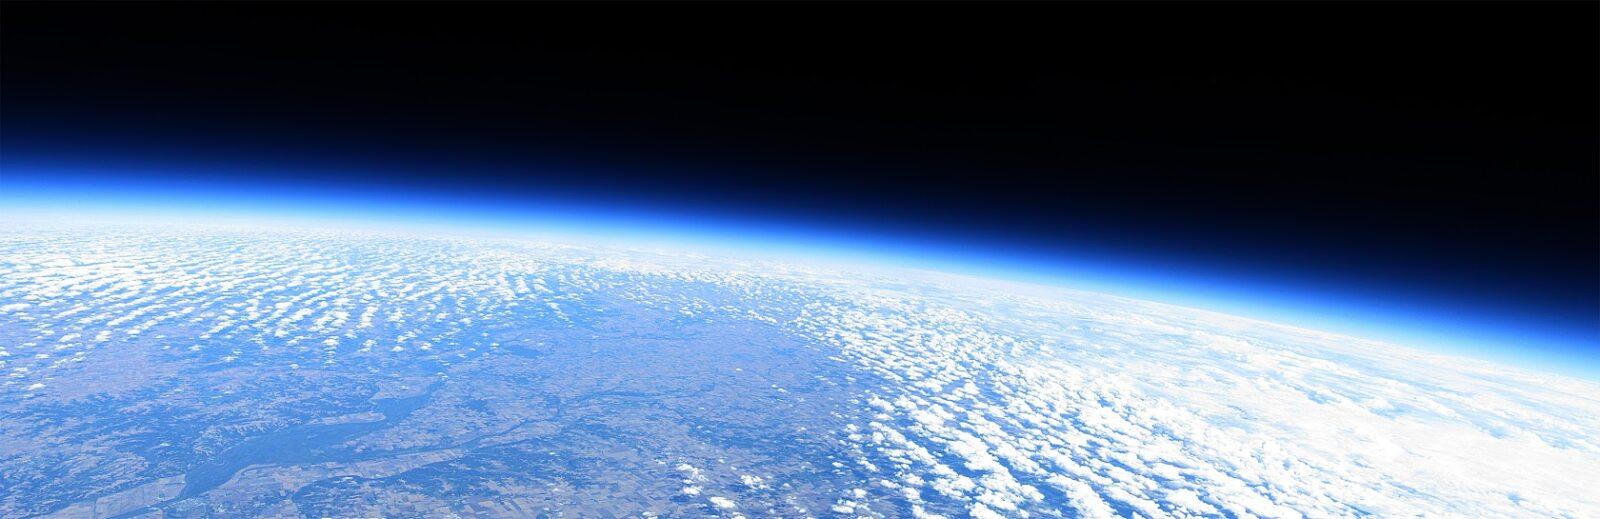 EarthsAtmosphere_4628x1500